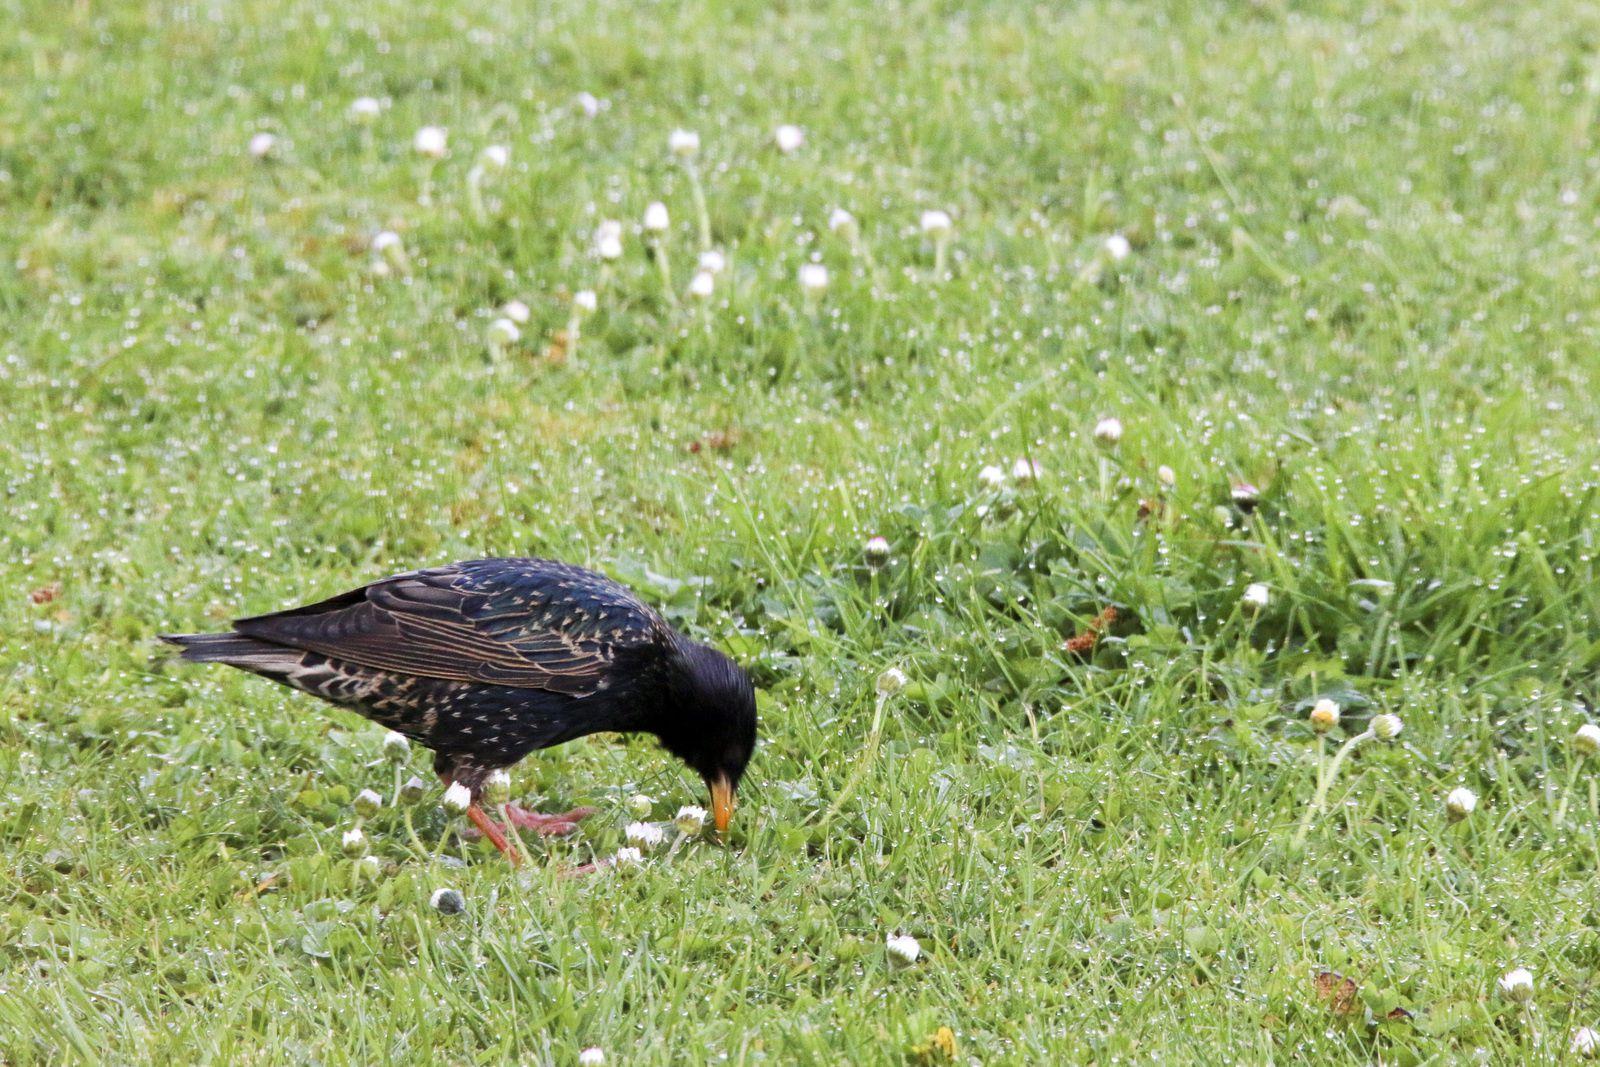 L'étourneau se nourrit principalement de vers et insectes trouvés dans les herbes des pelouses grasses en picorant la terre.